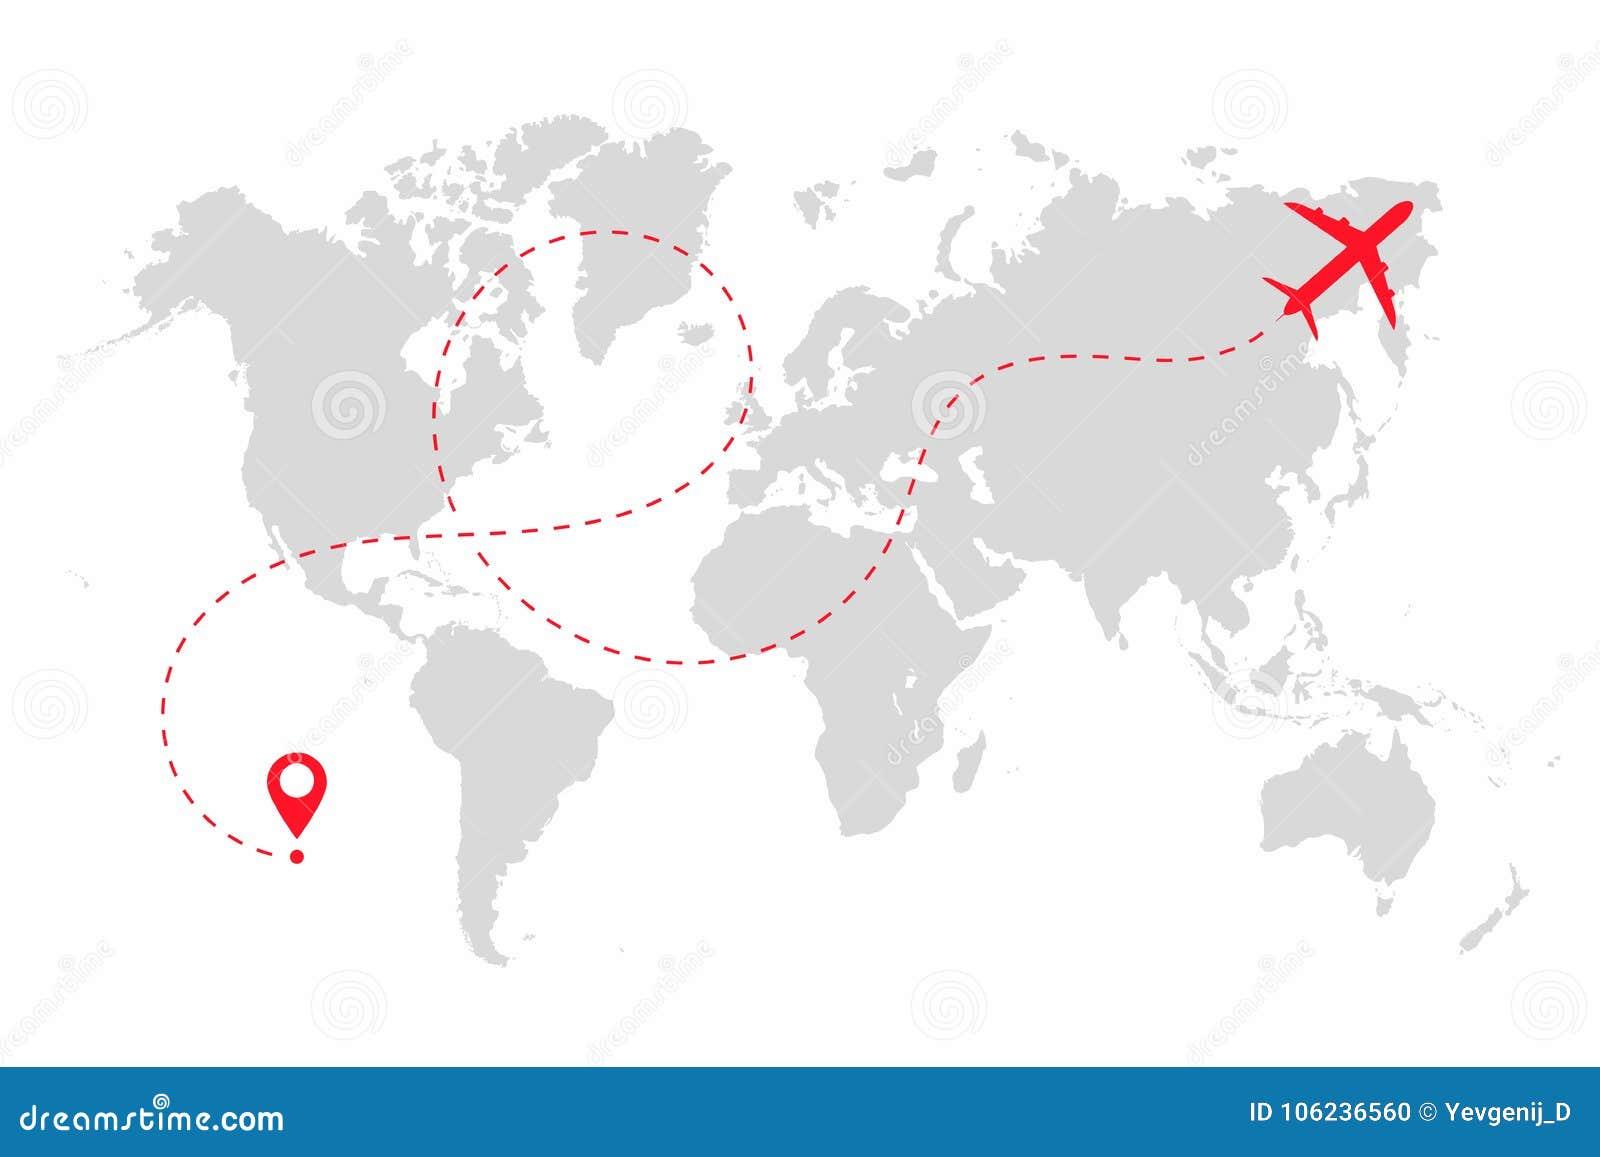 d8d44dd838 Trayectoria del aeroplano en la línea de puntos forma en mapa del mundo  Ruta del avión